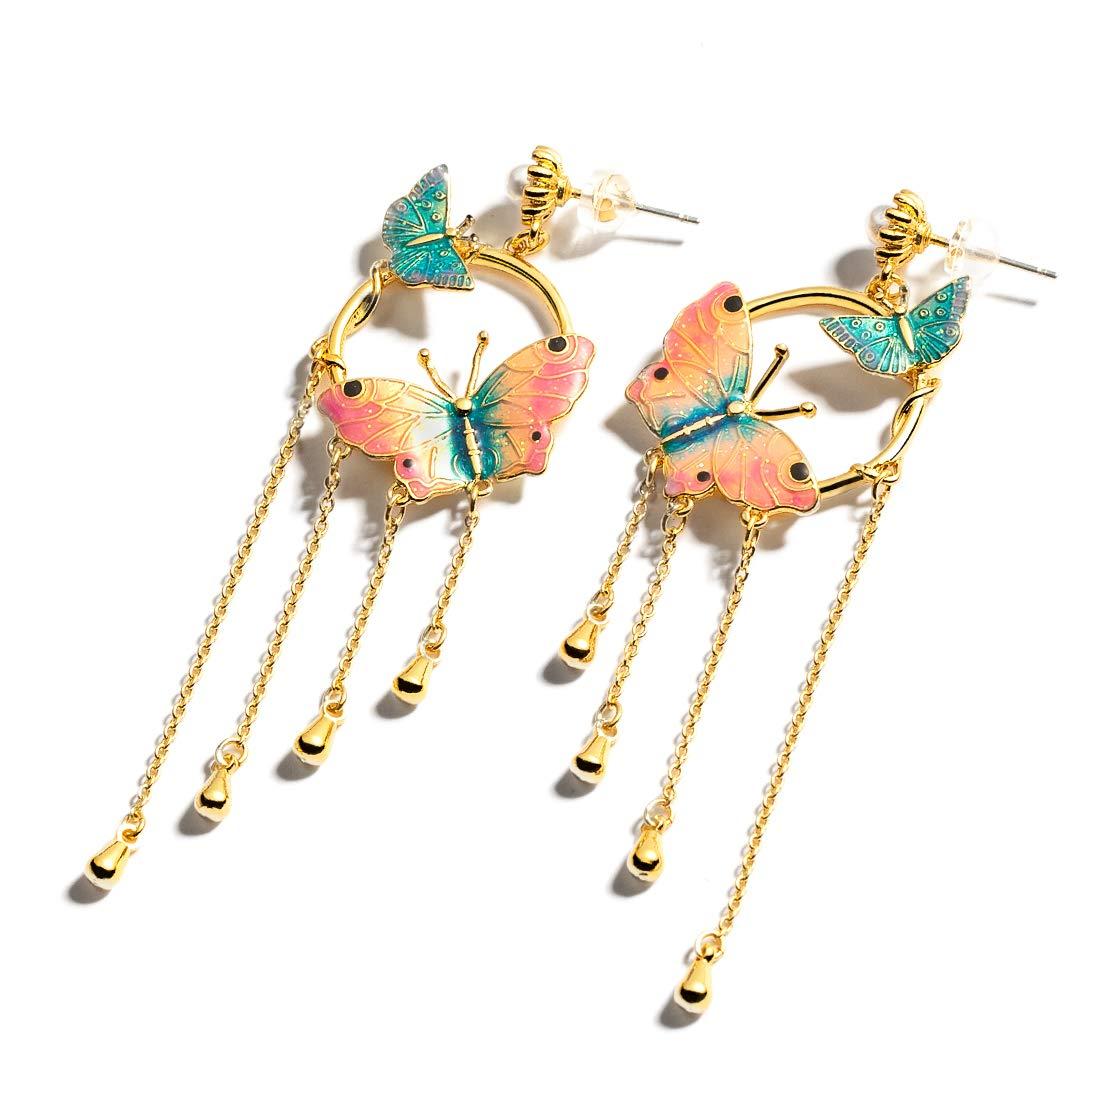 925 Silver Earrings French Enamel Butterfly, Long Tassel Earrings Drop for Women